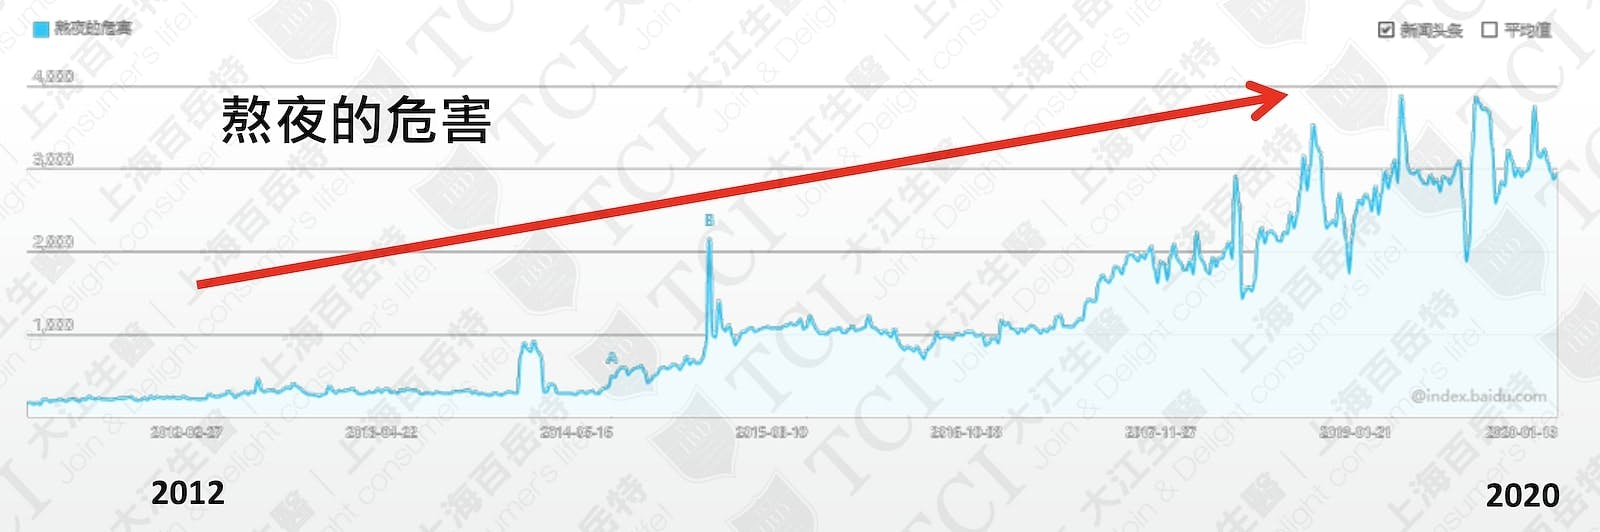 熬夜的危害網路搜尋量 / 資料來源: 百度指數